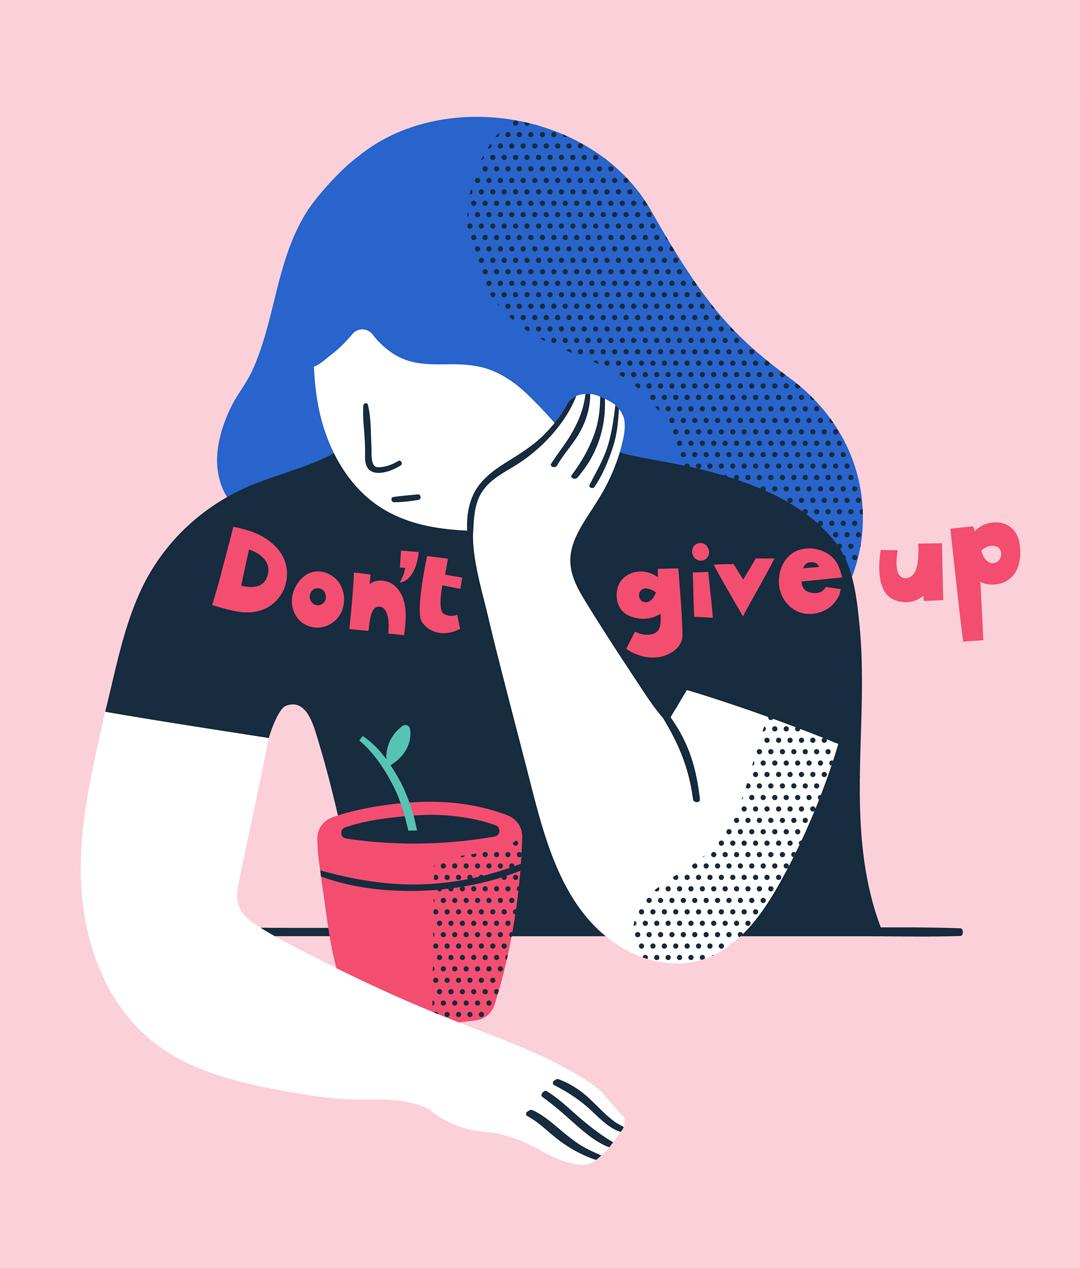 Illustrazione Don't give up © Silvia Bettini